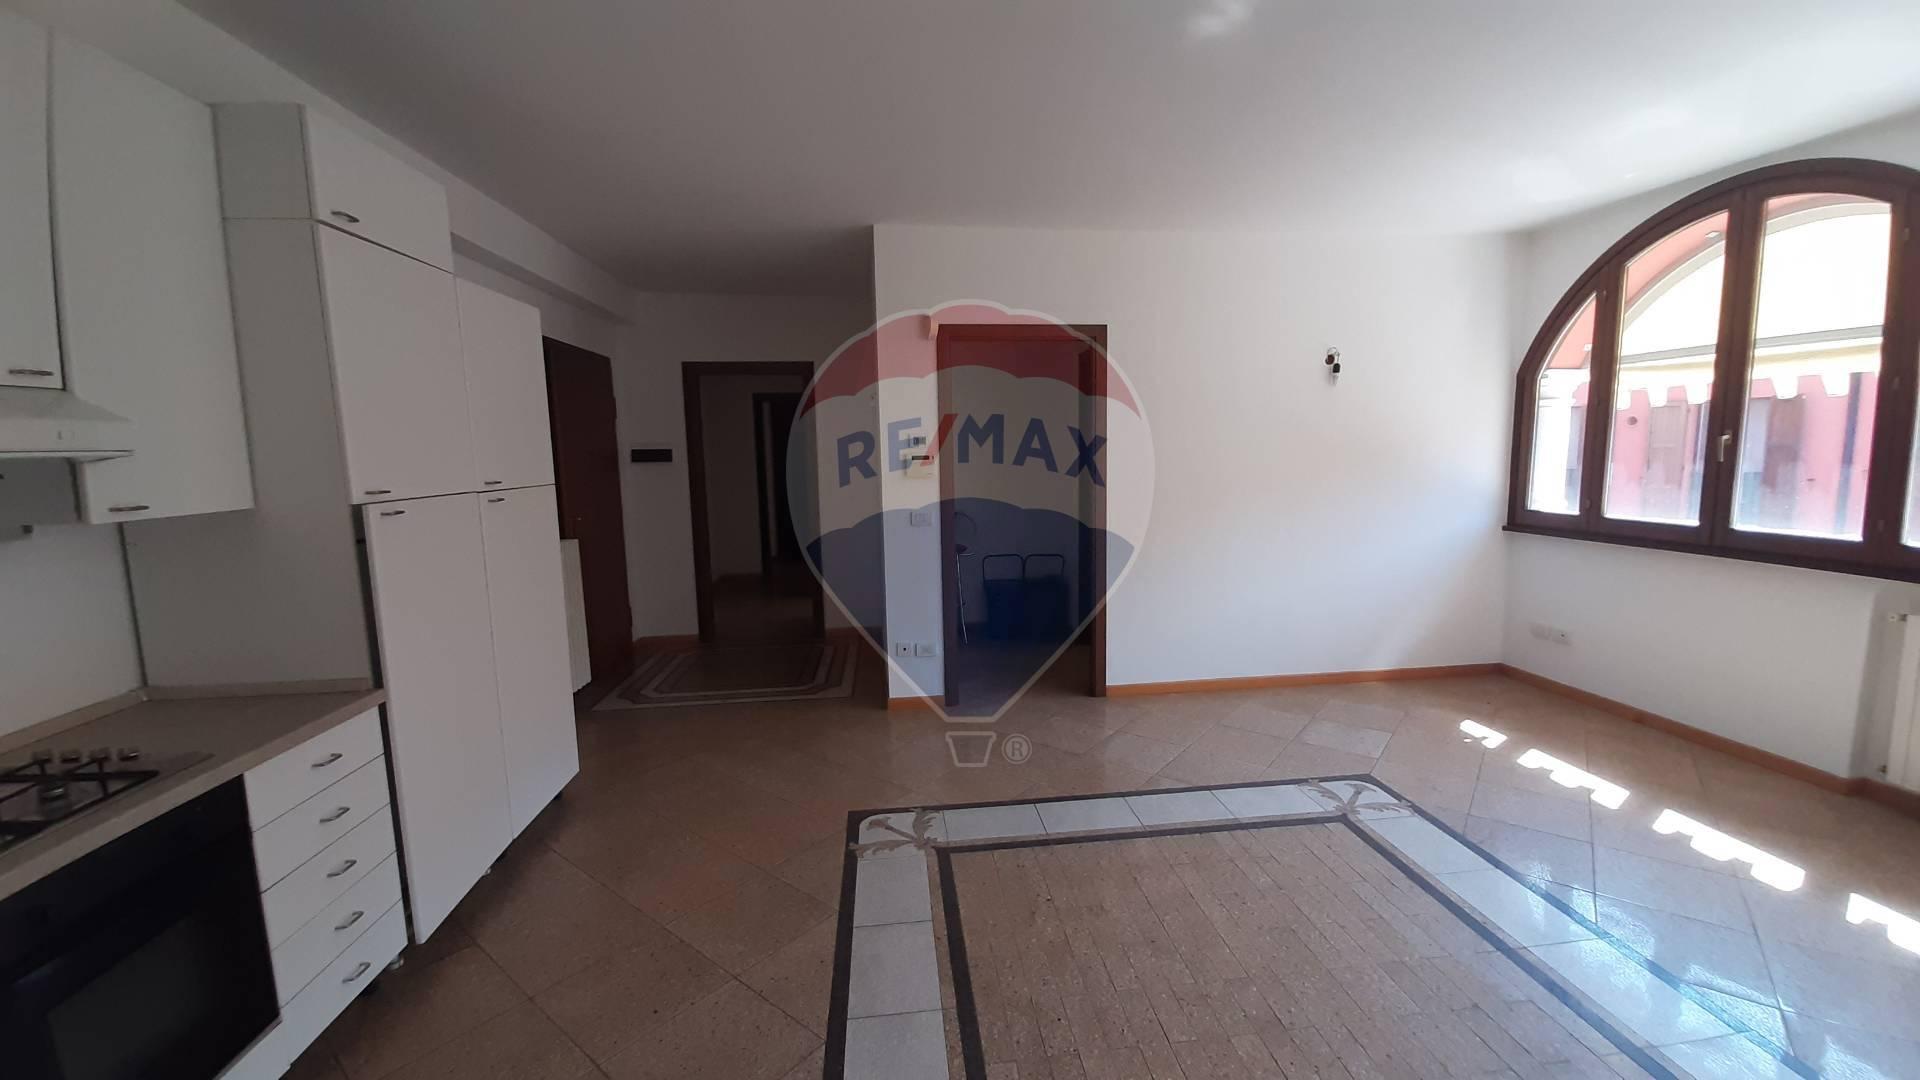 Appartamento in vendita a Soiano del Lago, 3 locali, prezzo € 135.000   PortaleAgenzieImmobiliari.it